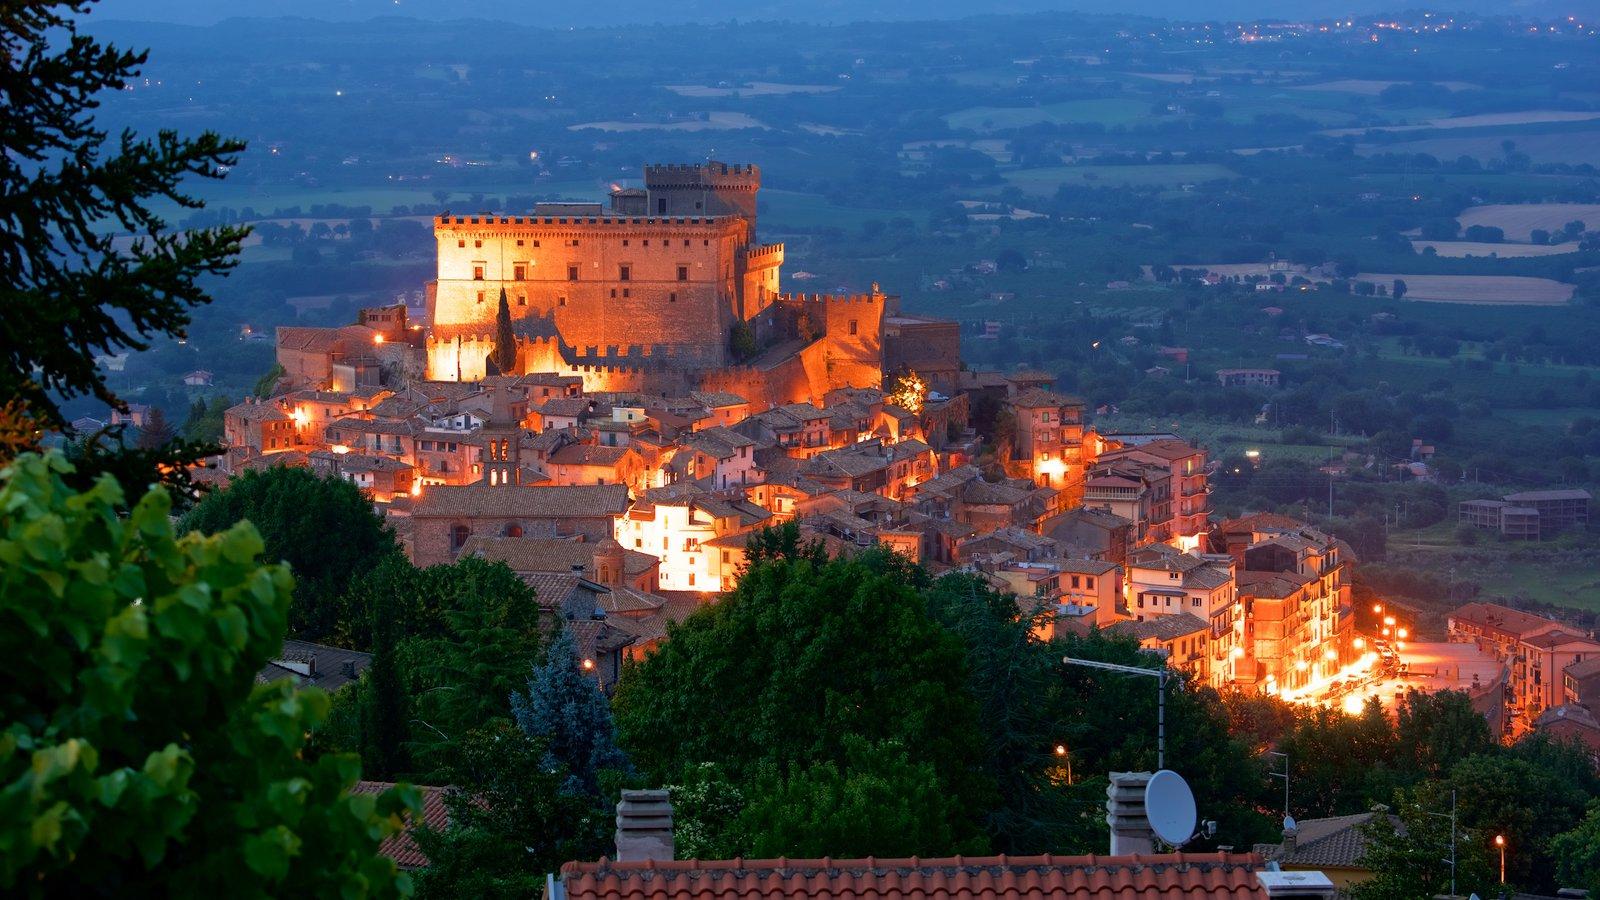 Soriano nel Cimino que inclui arquitetura de patrimônio, uma cidade e cenas noturnas